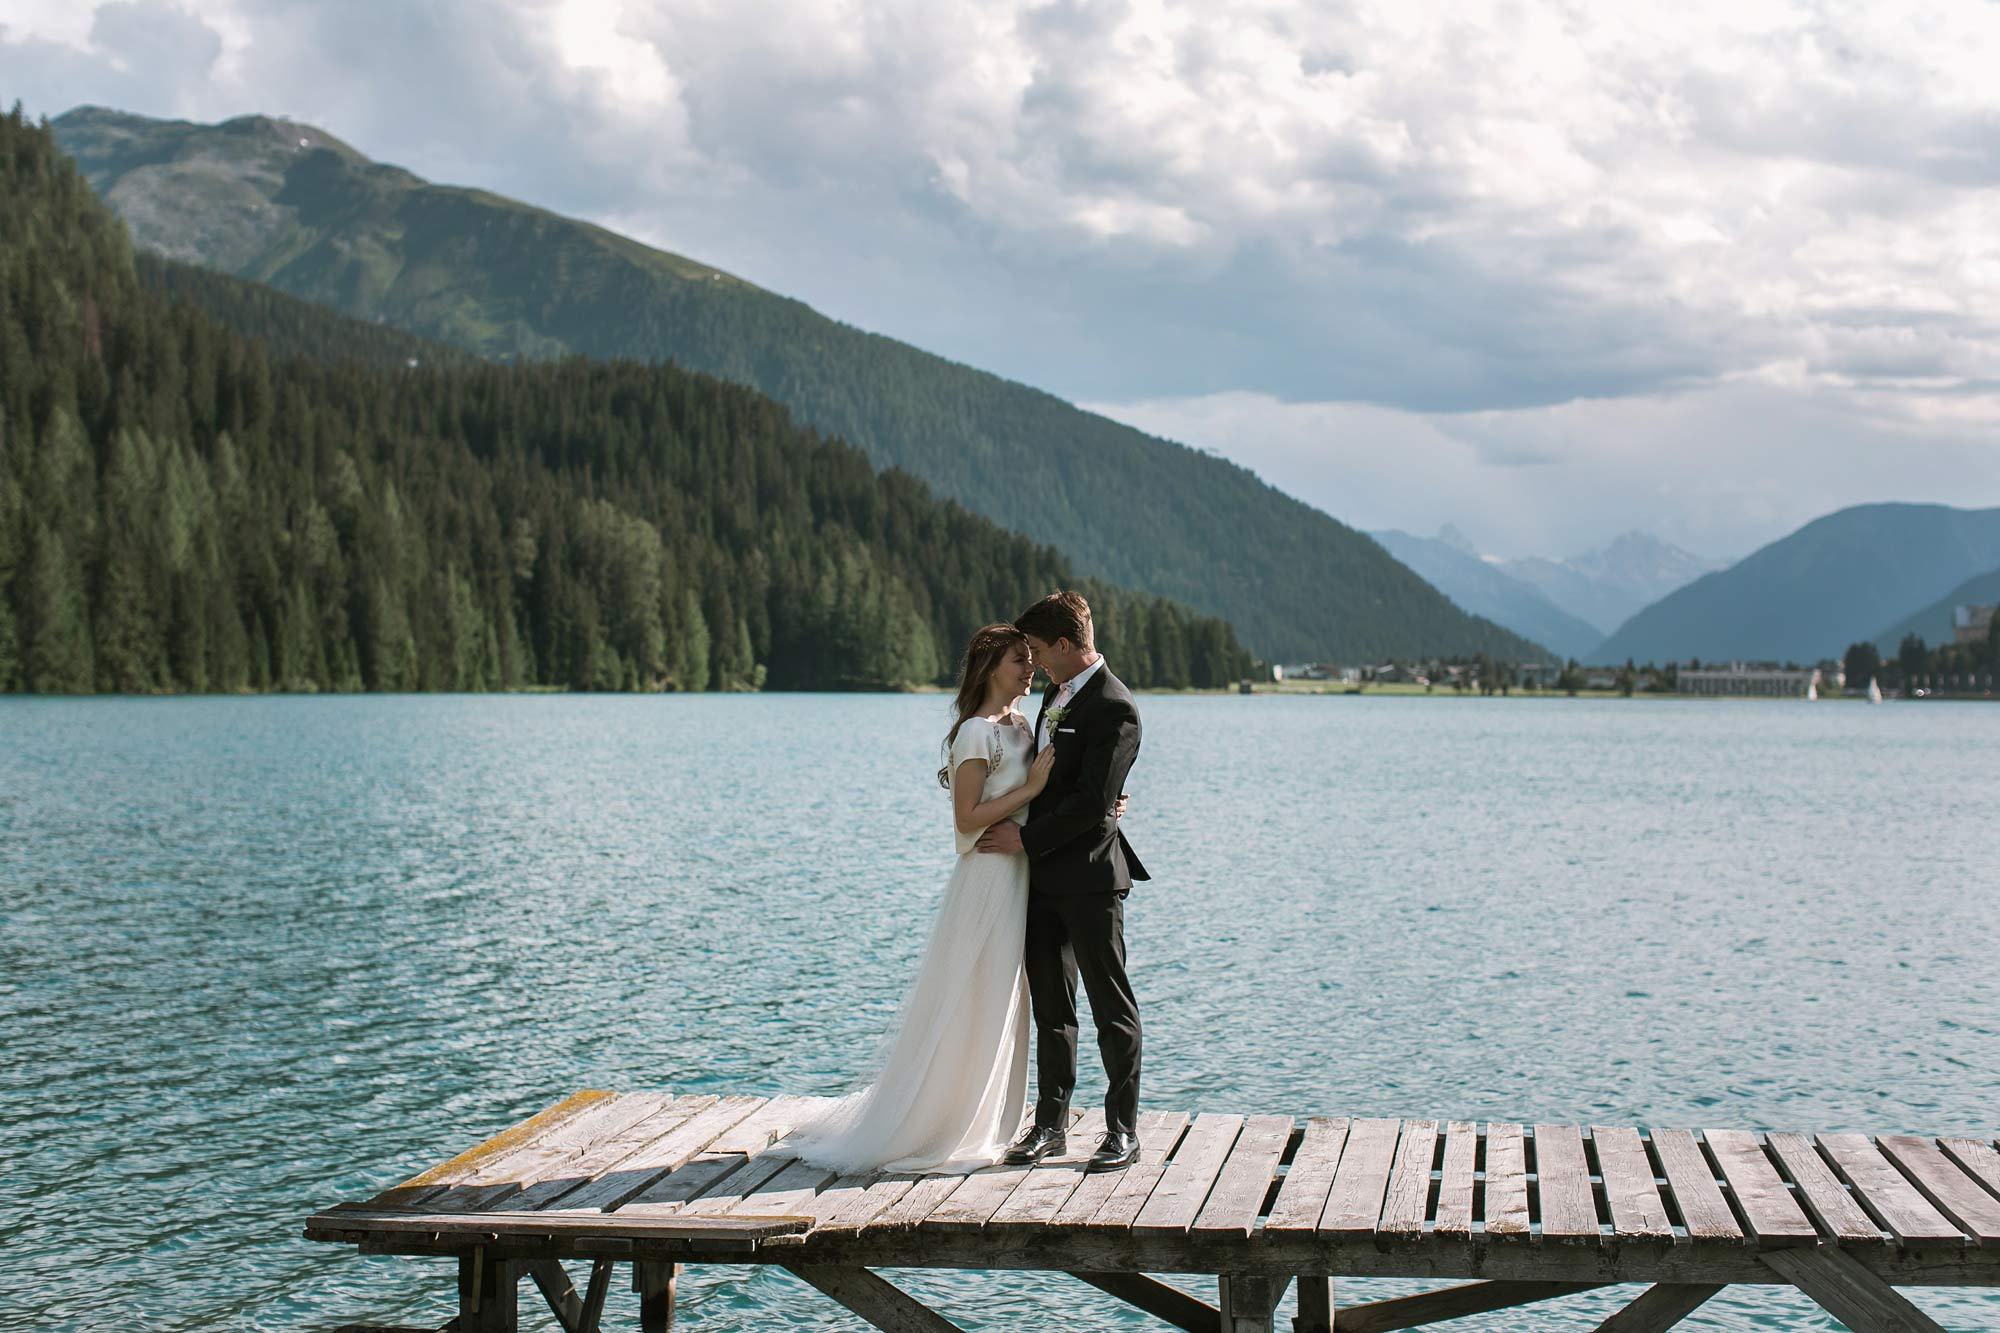 fuga d'amore, sposi sul lago